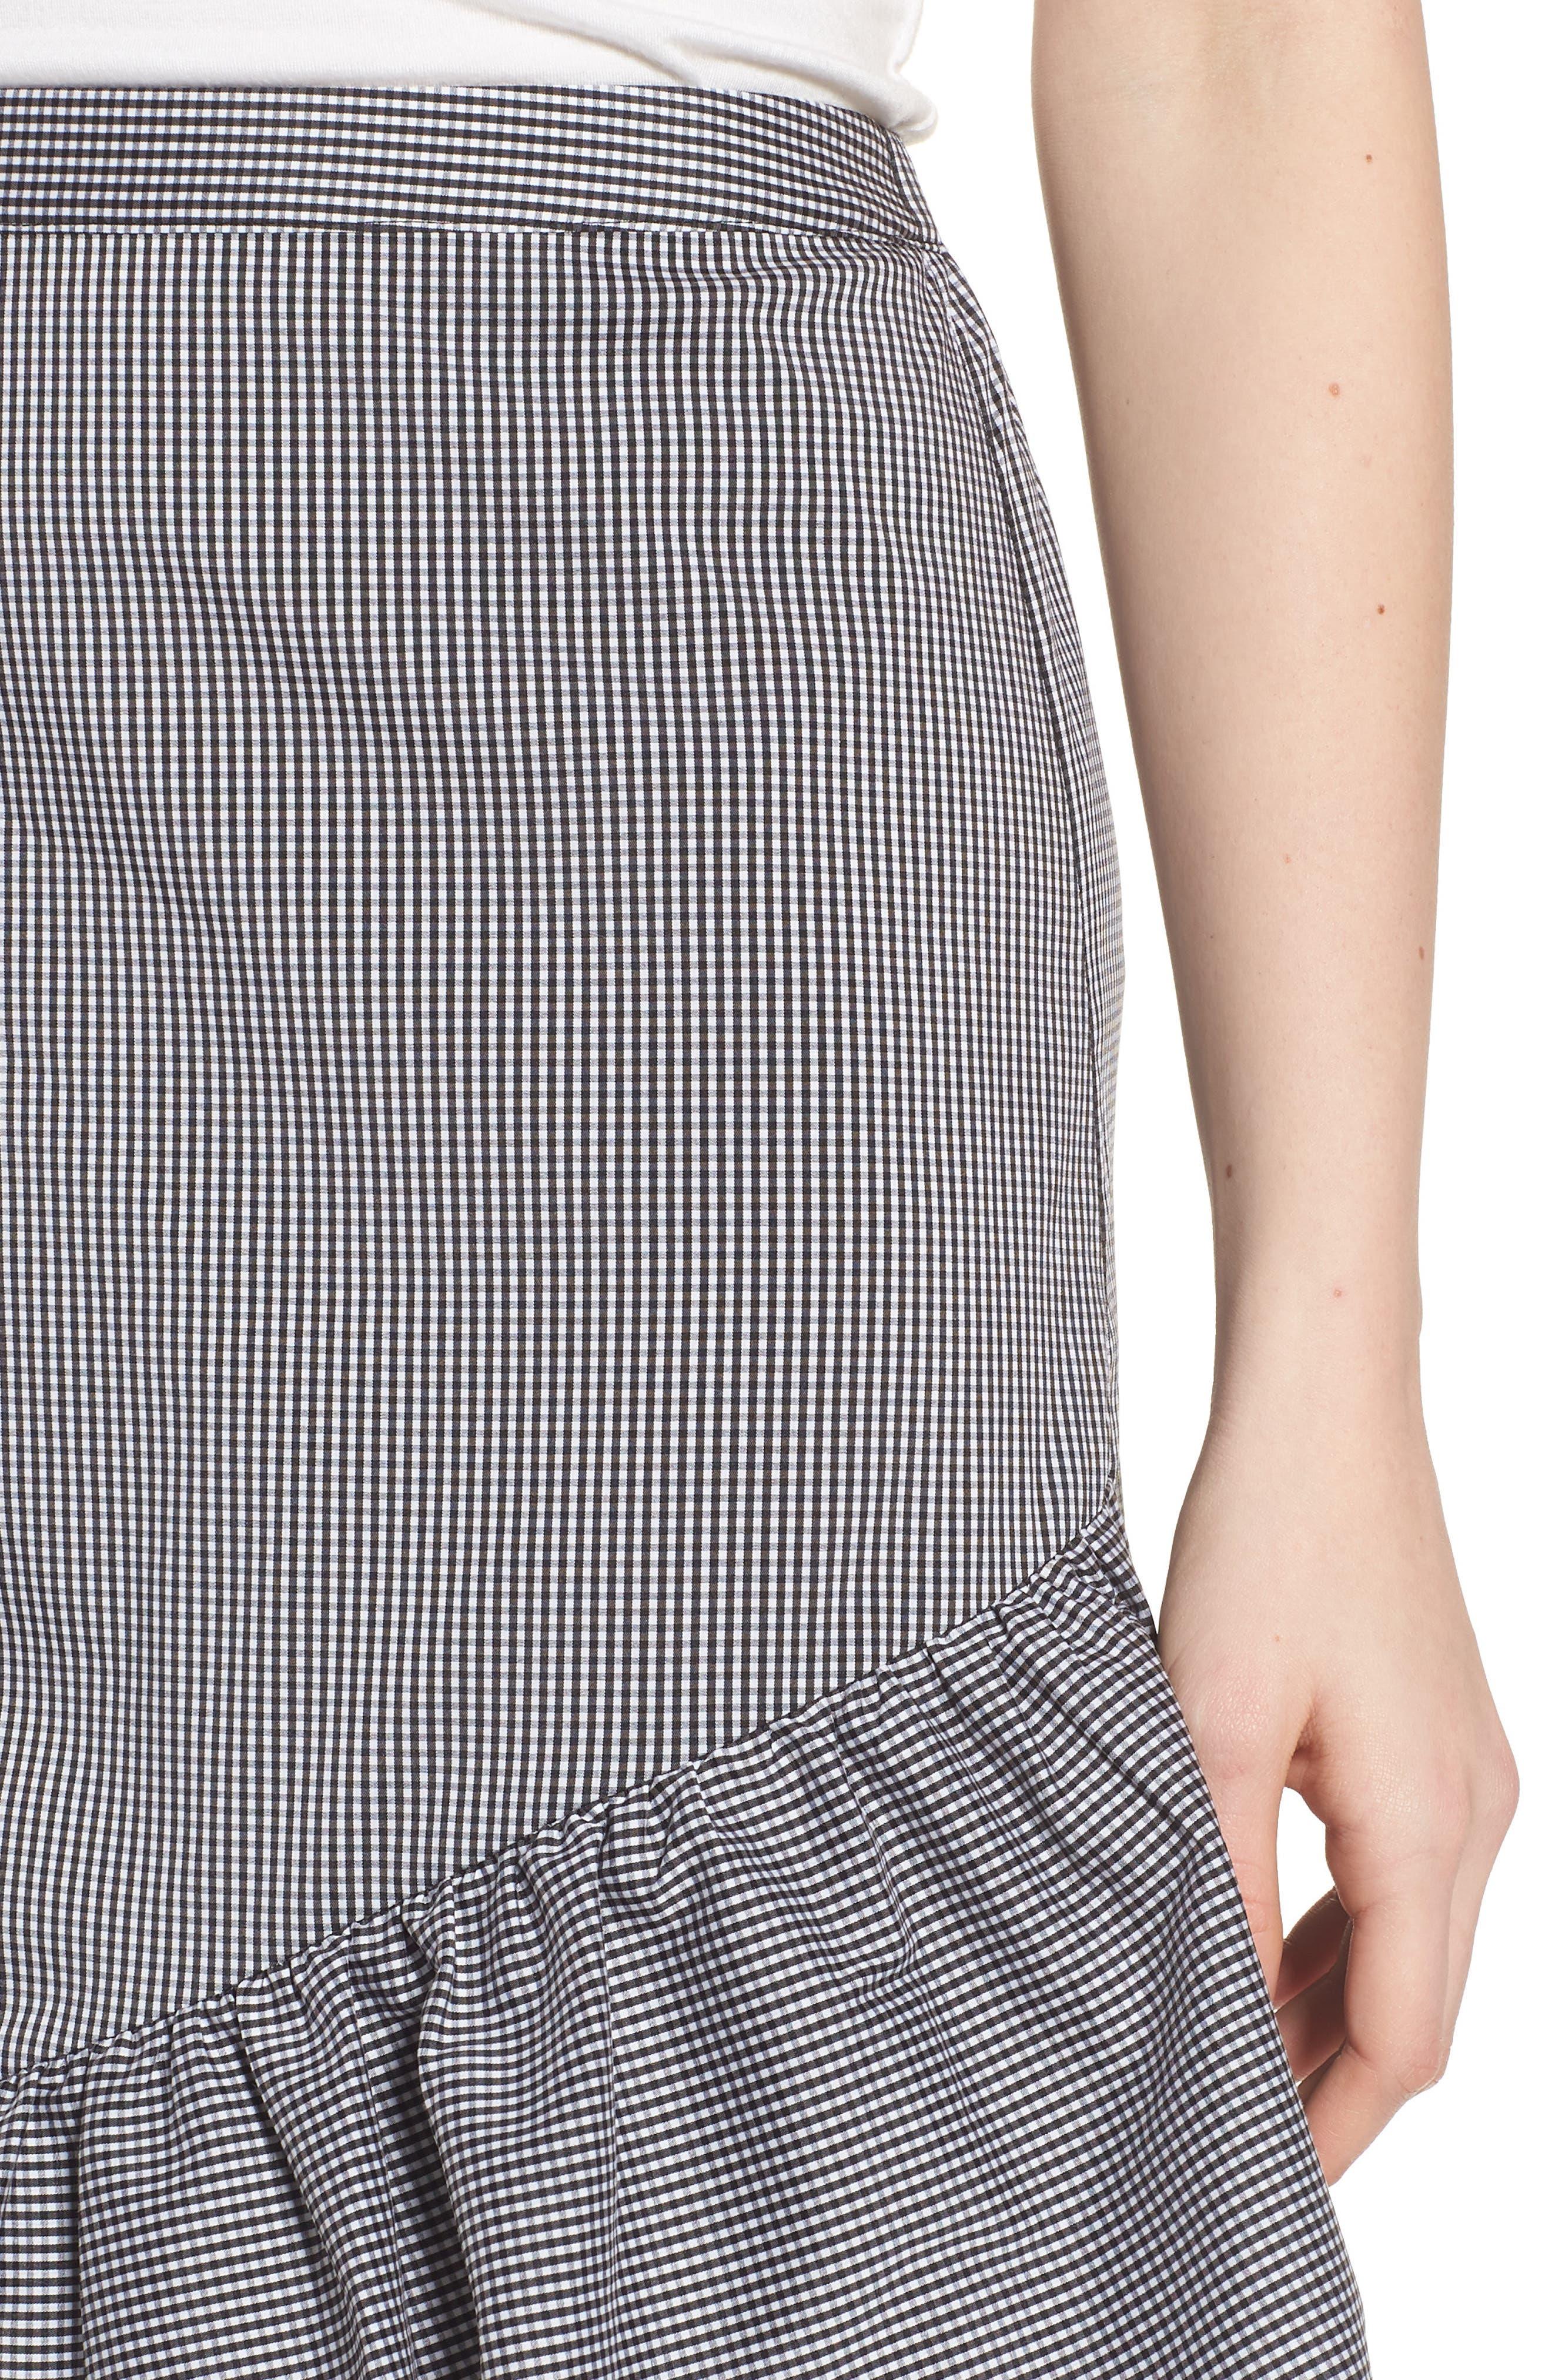 Gingham Ruffle Skirt,                             Alternate thumbnail 4, color,                             001